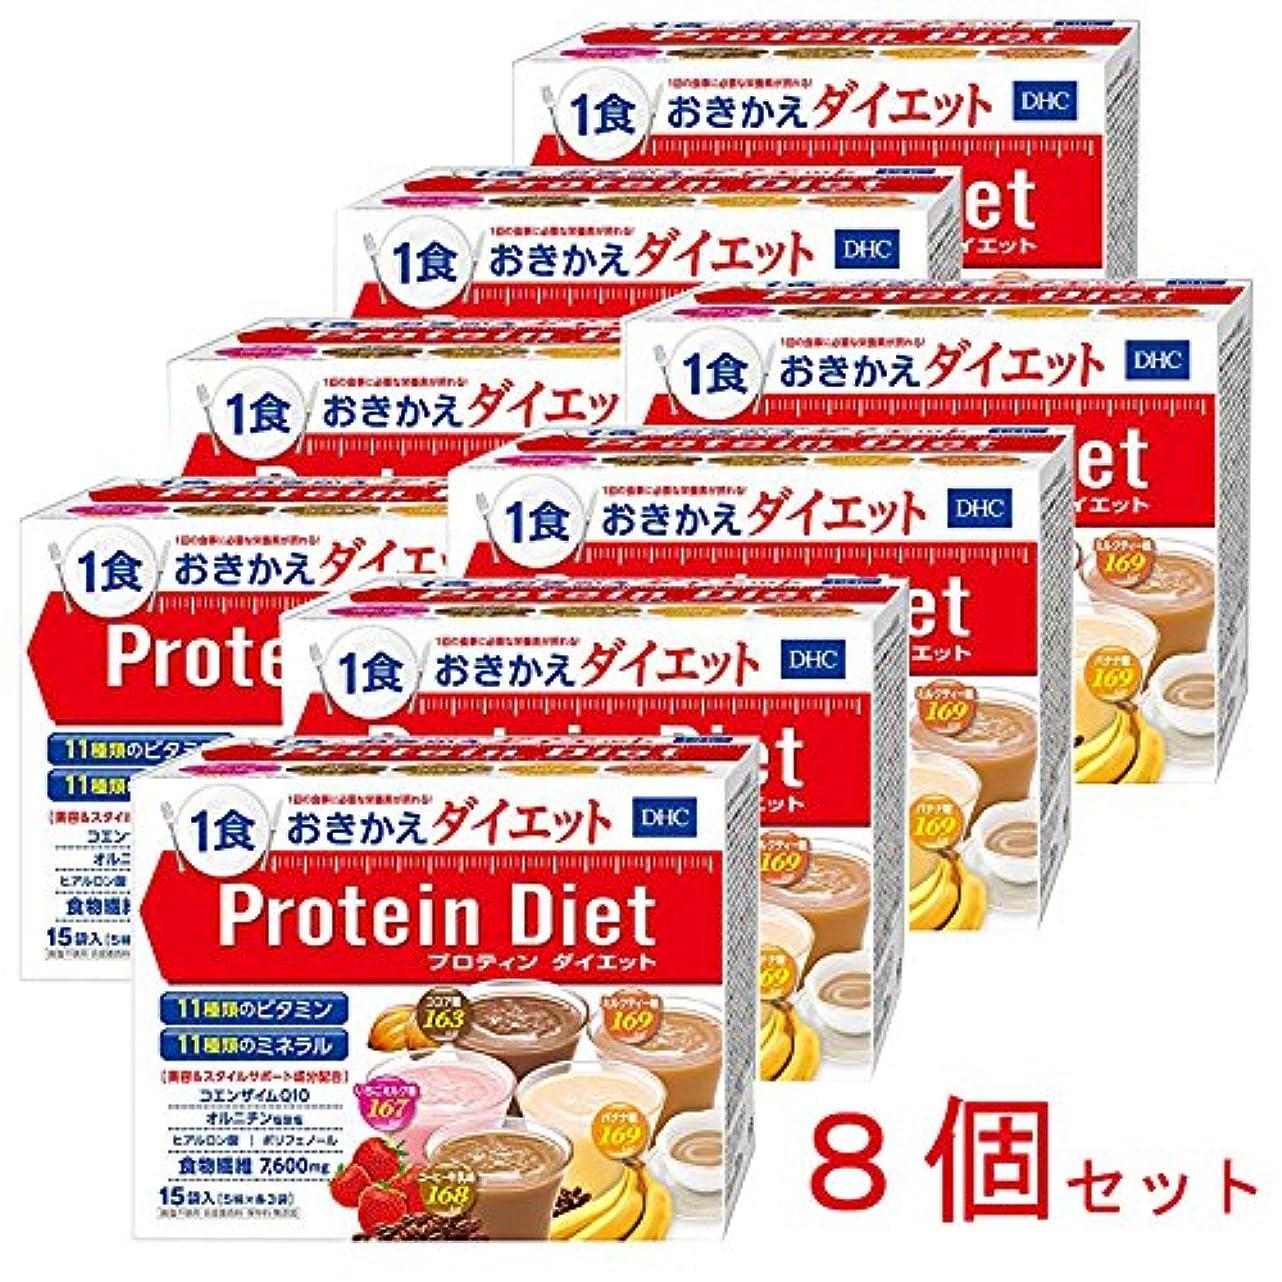 松生活スタジアムDHC プロティンダイエット 1箱15袋入 8箱セット 1食169kcal以下&栄養バッチリ! リニューアル